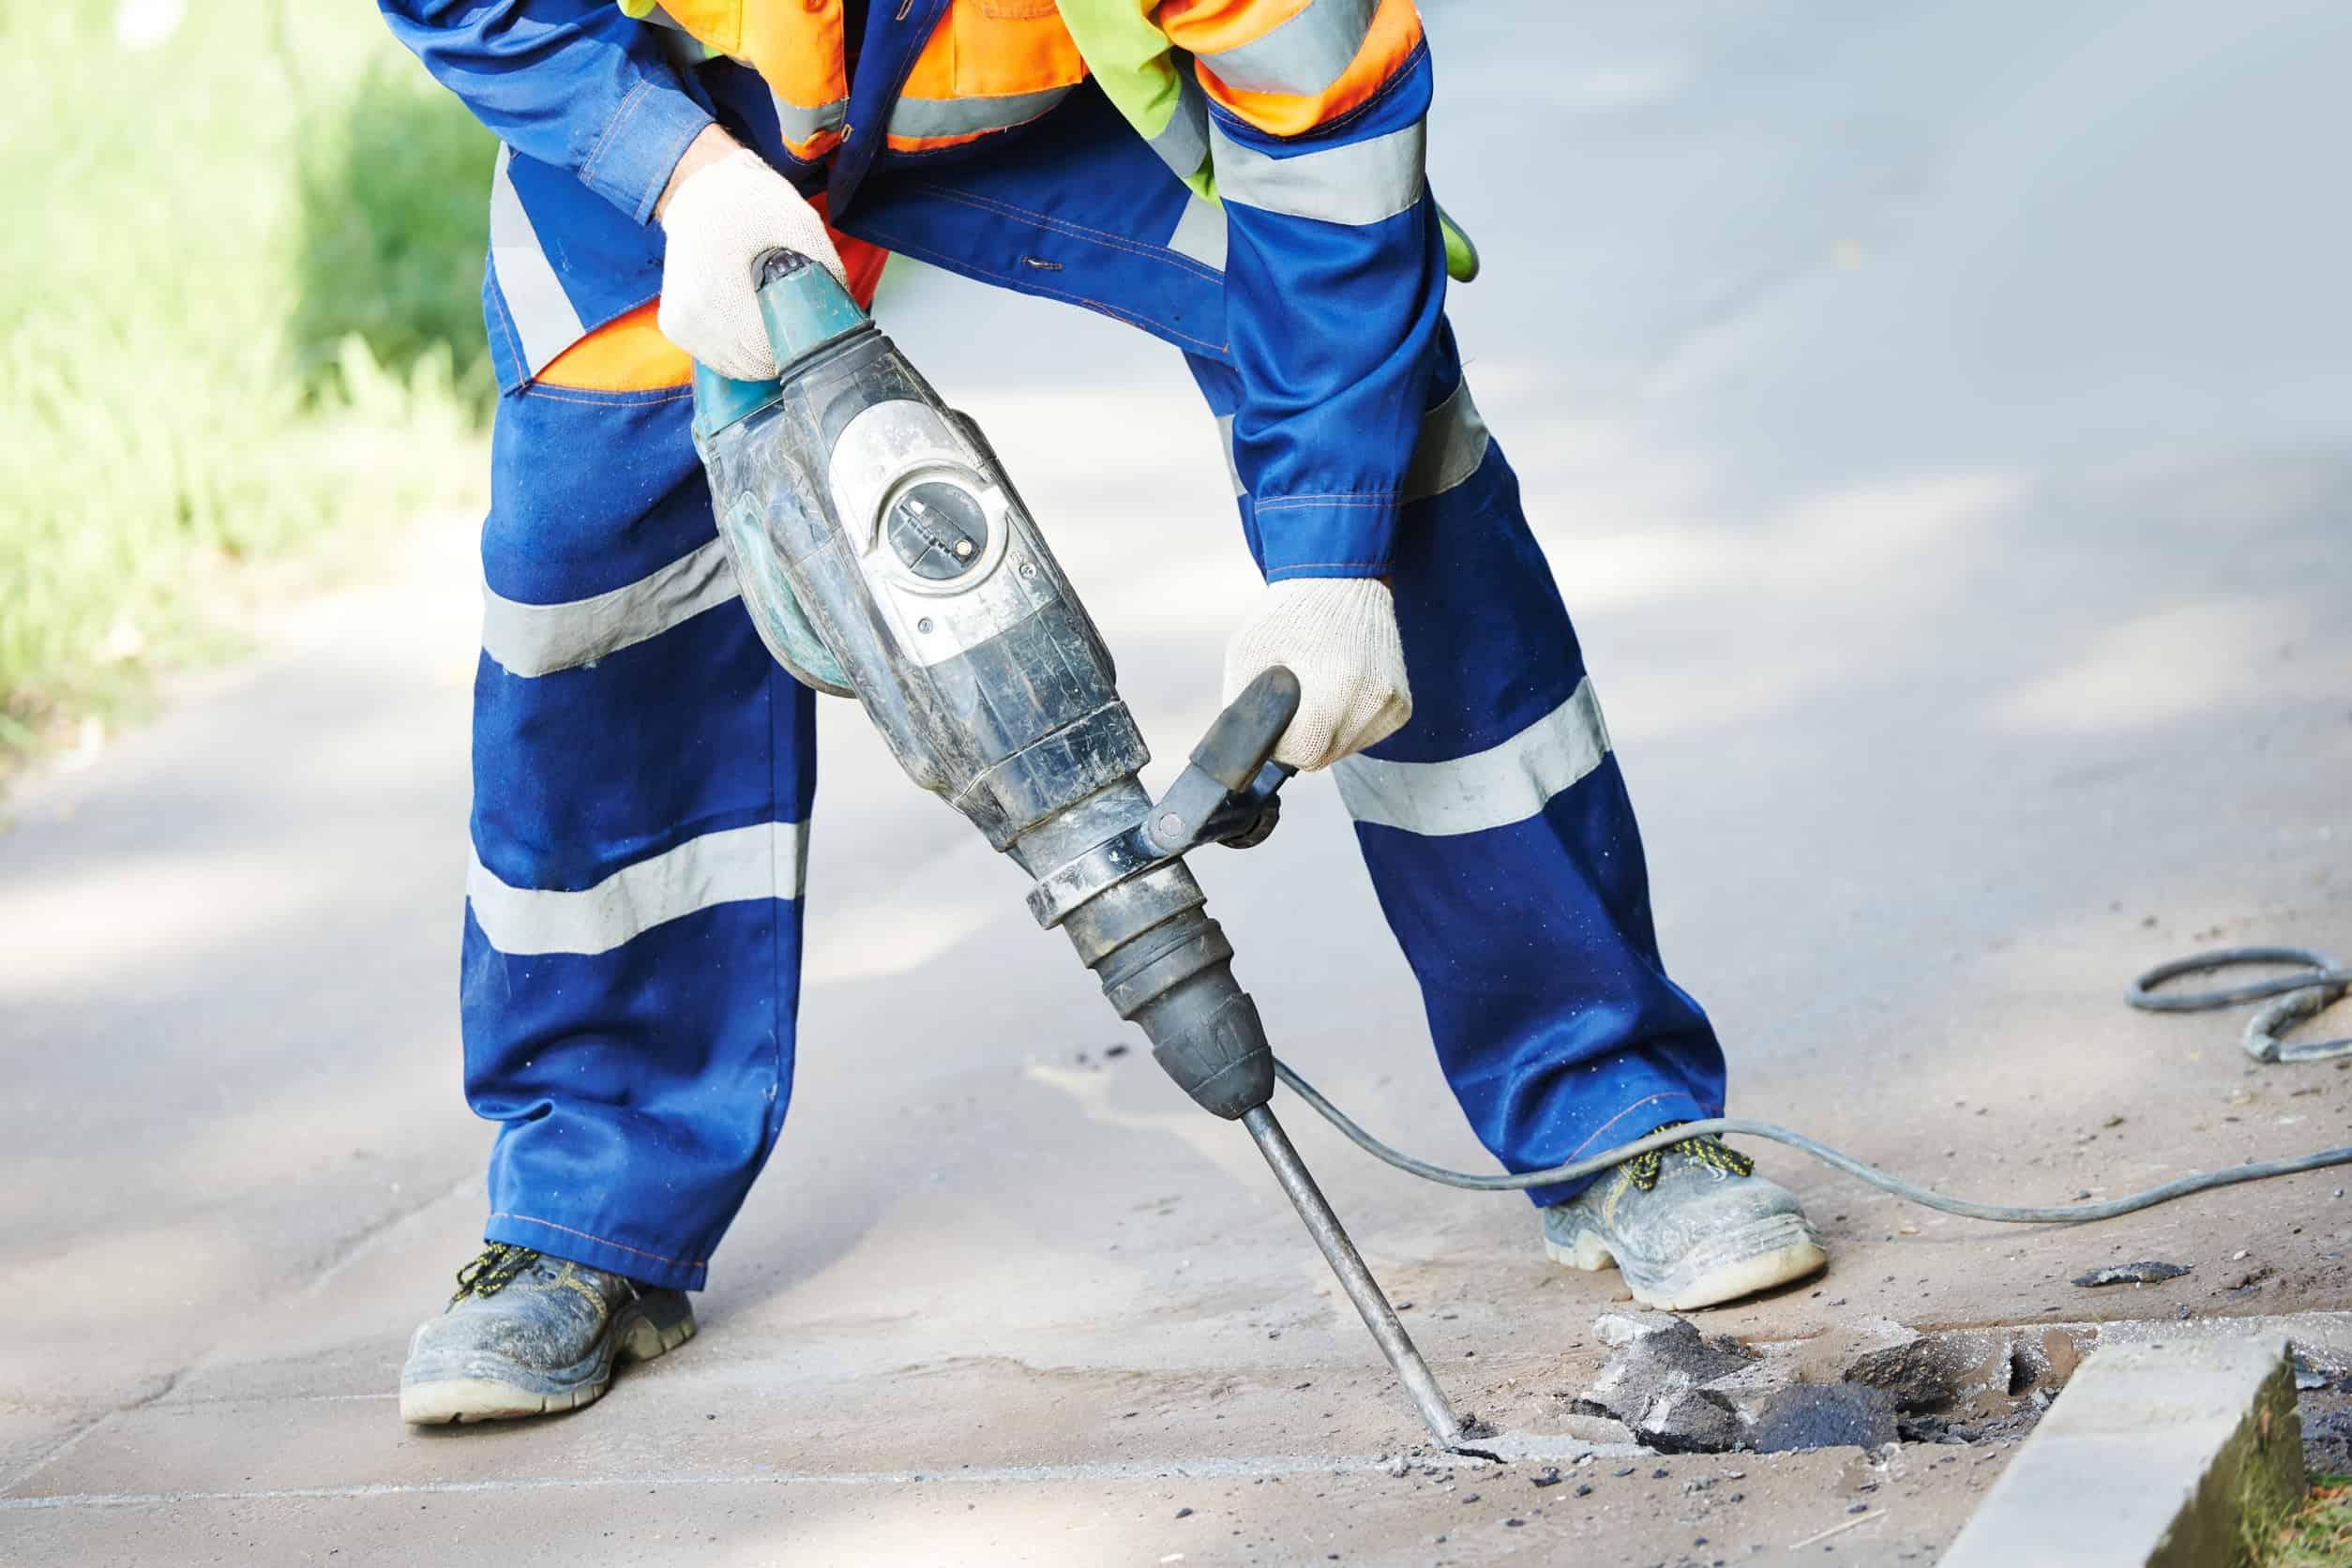 Baustellenarbeiter mir Bohrhammer